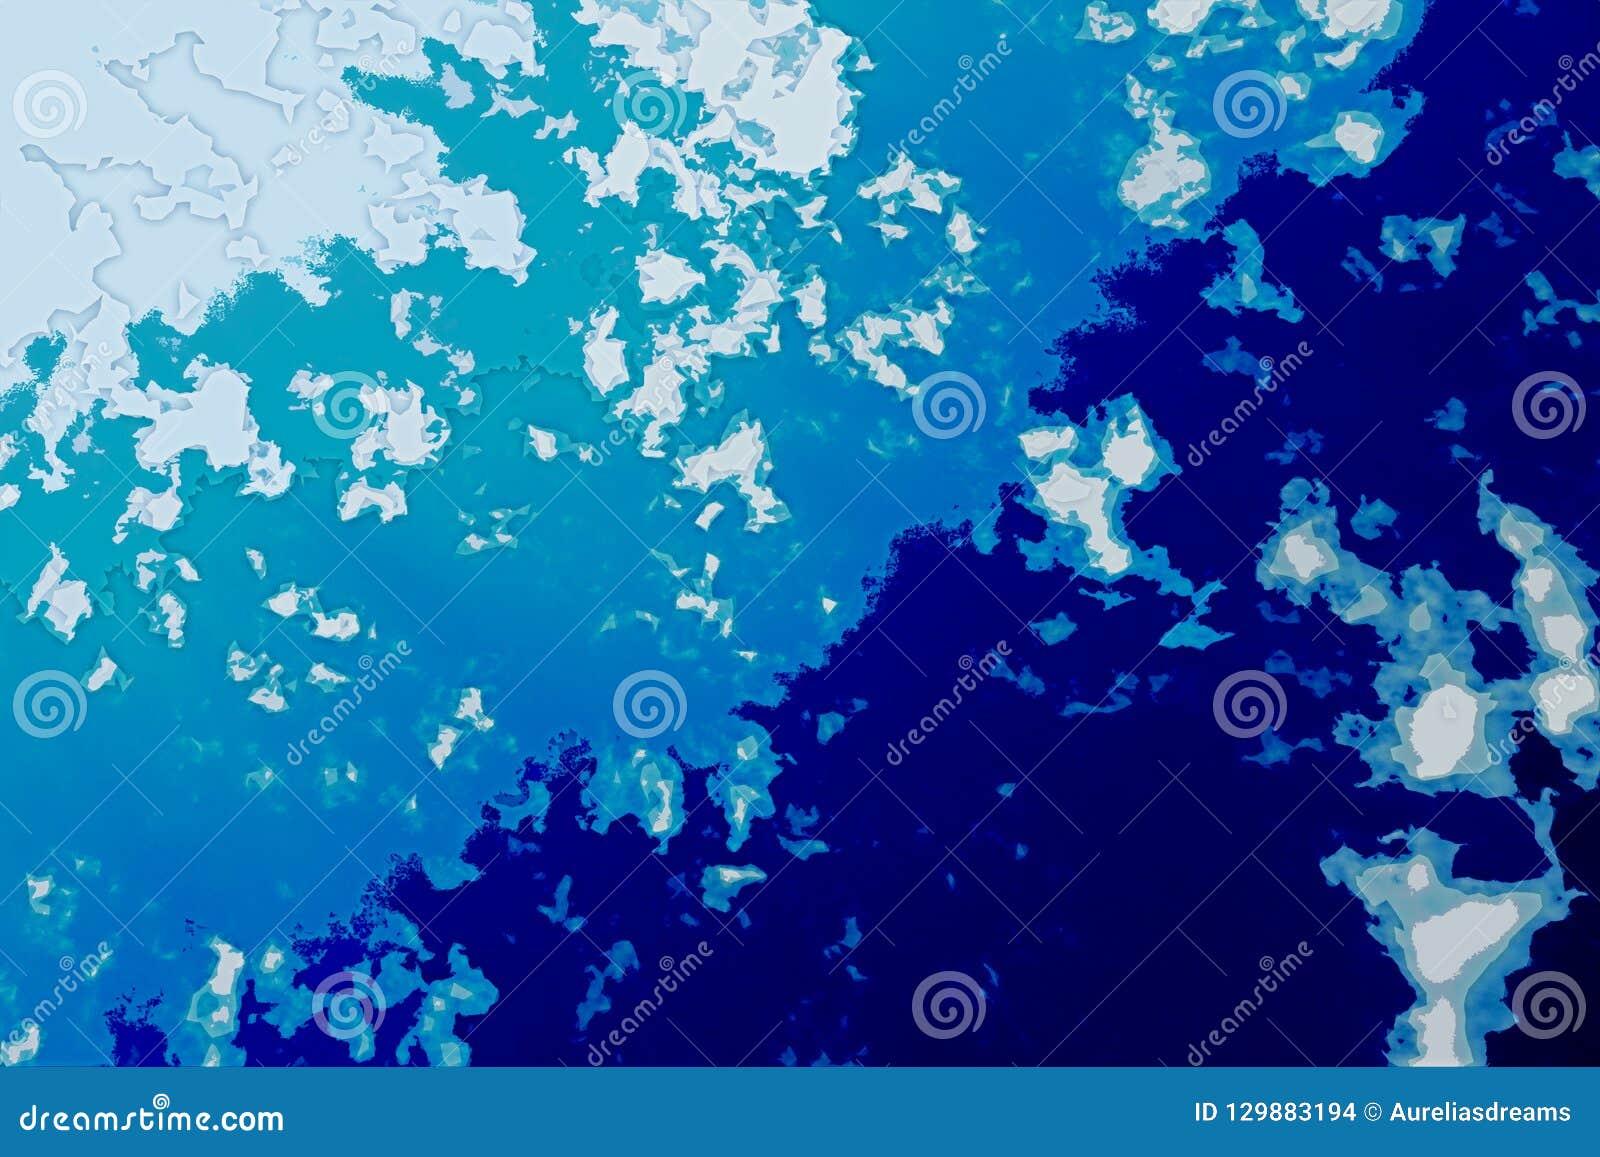 白色和蓝色抽象背景纹理 与北部海岸线,海,海洋,冰,山,云彩的幻想地图